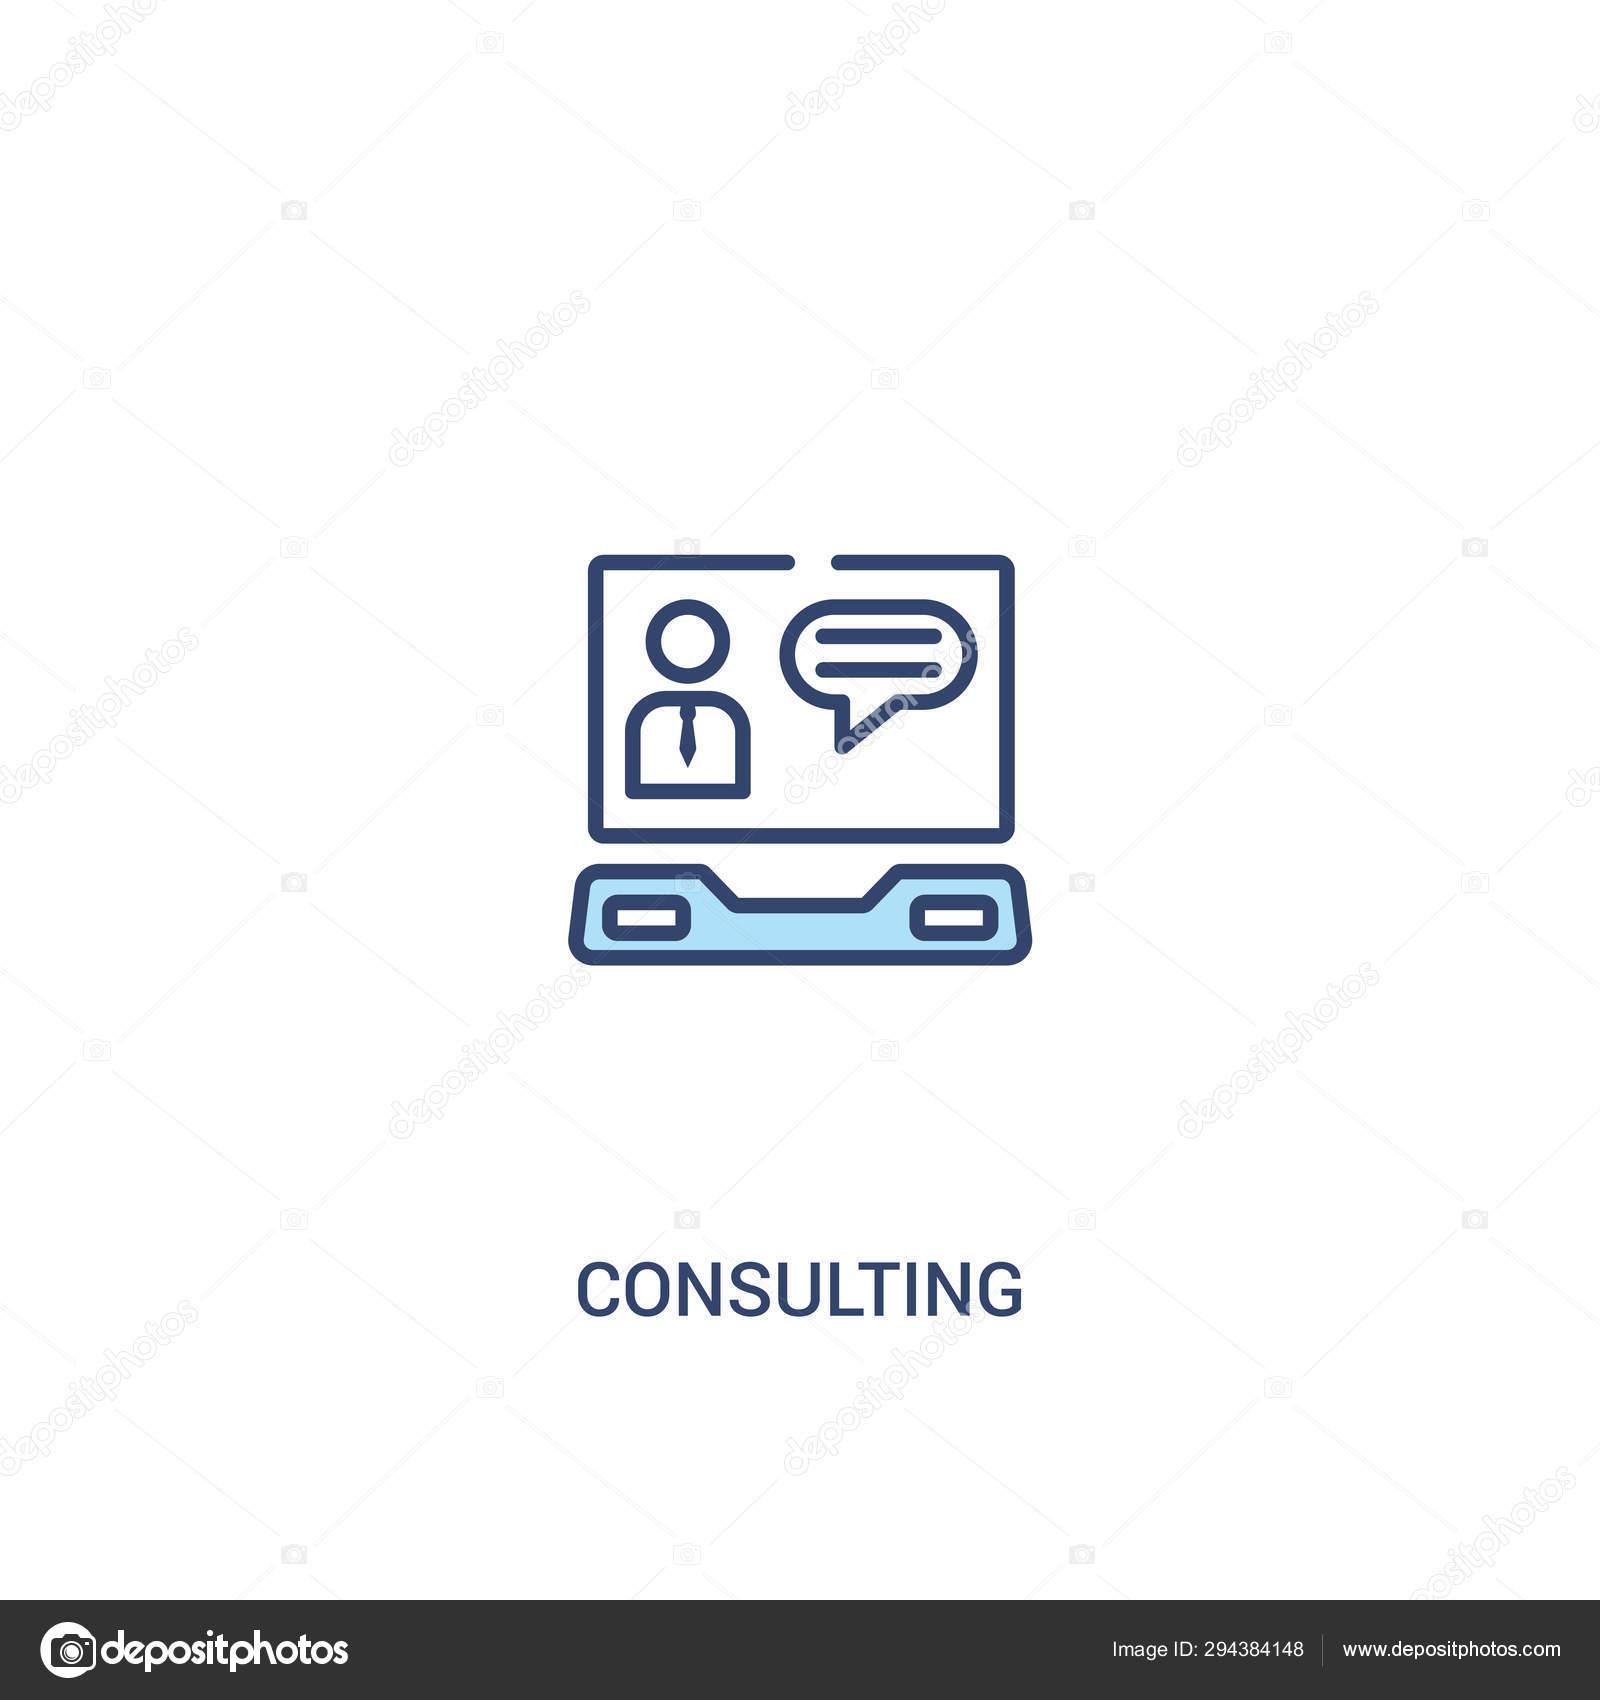 datování crm seznamovací program doporučení